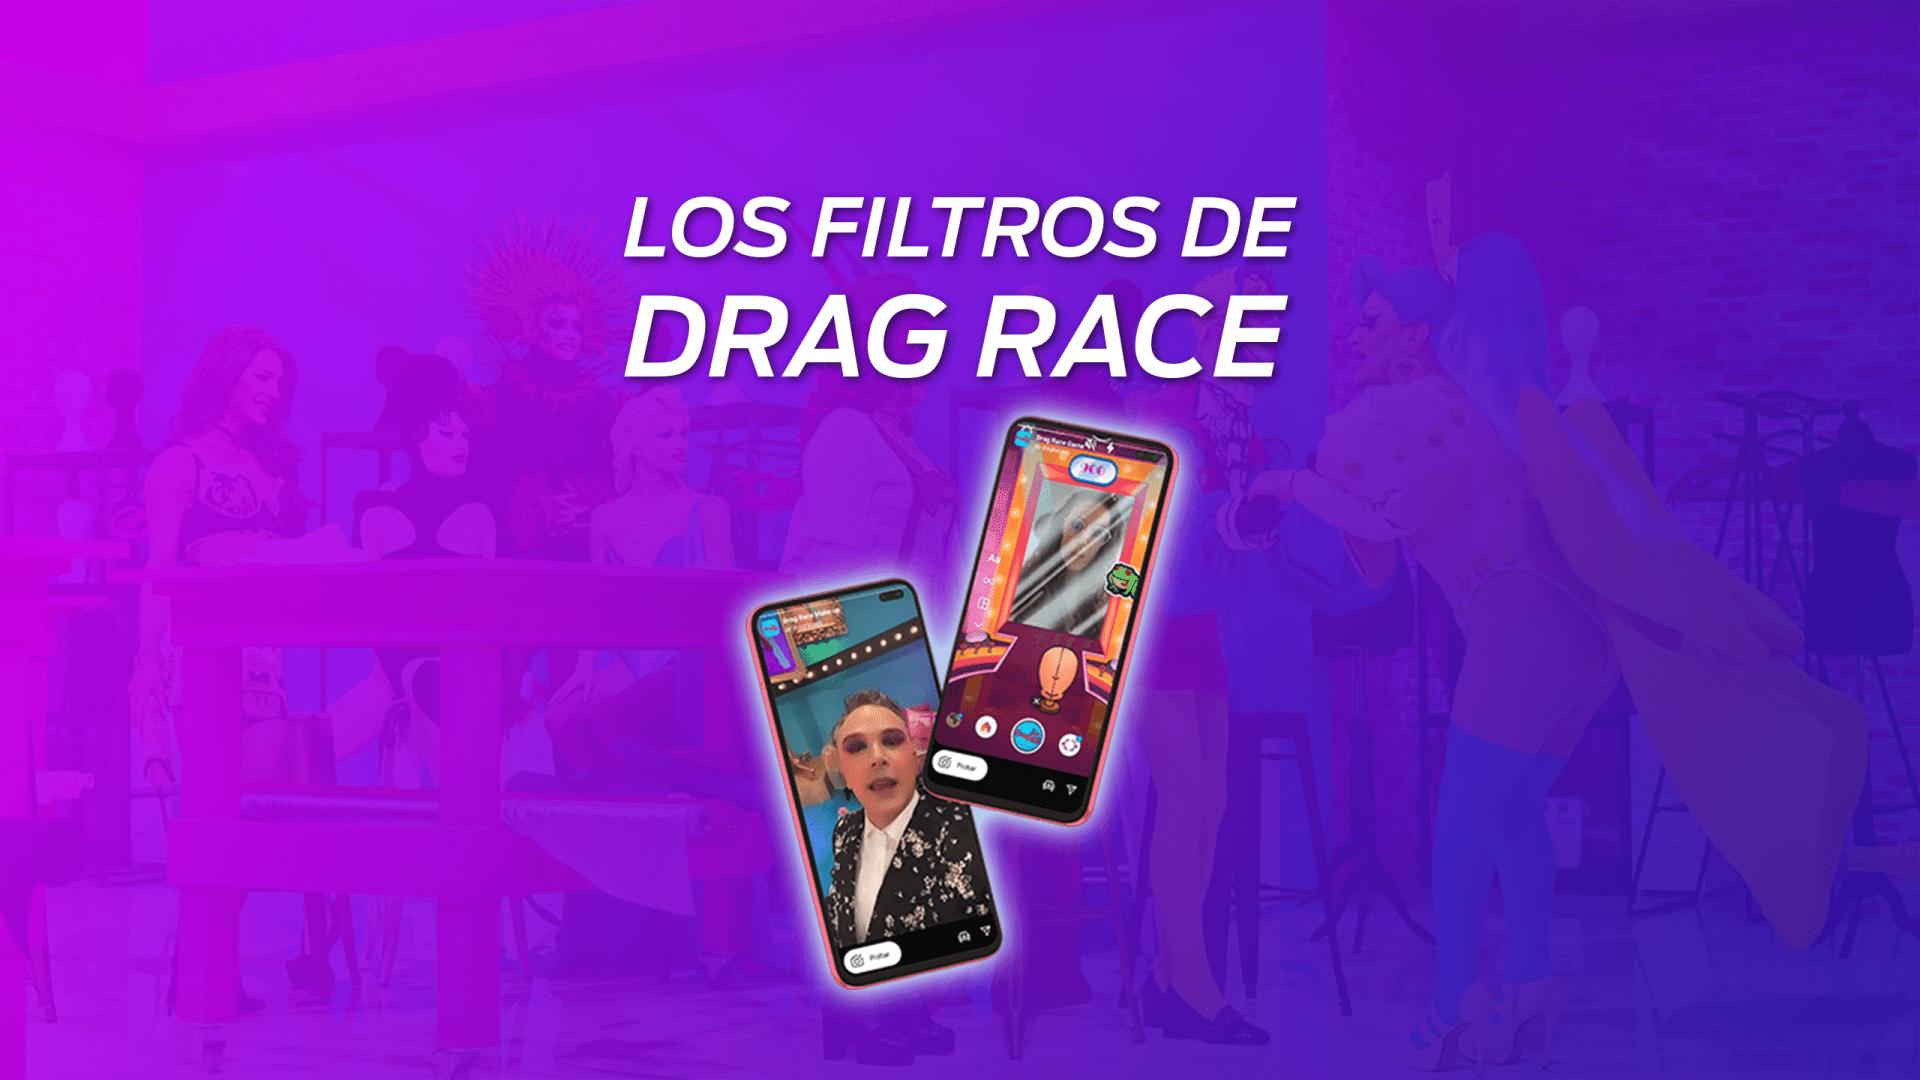 Los filtros de Drag Race